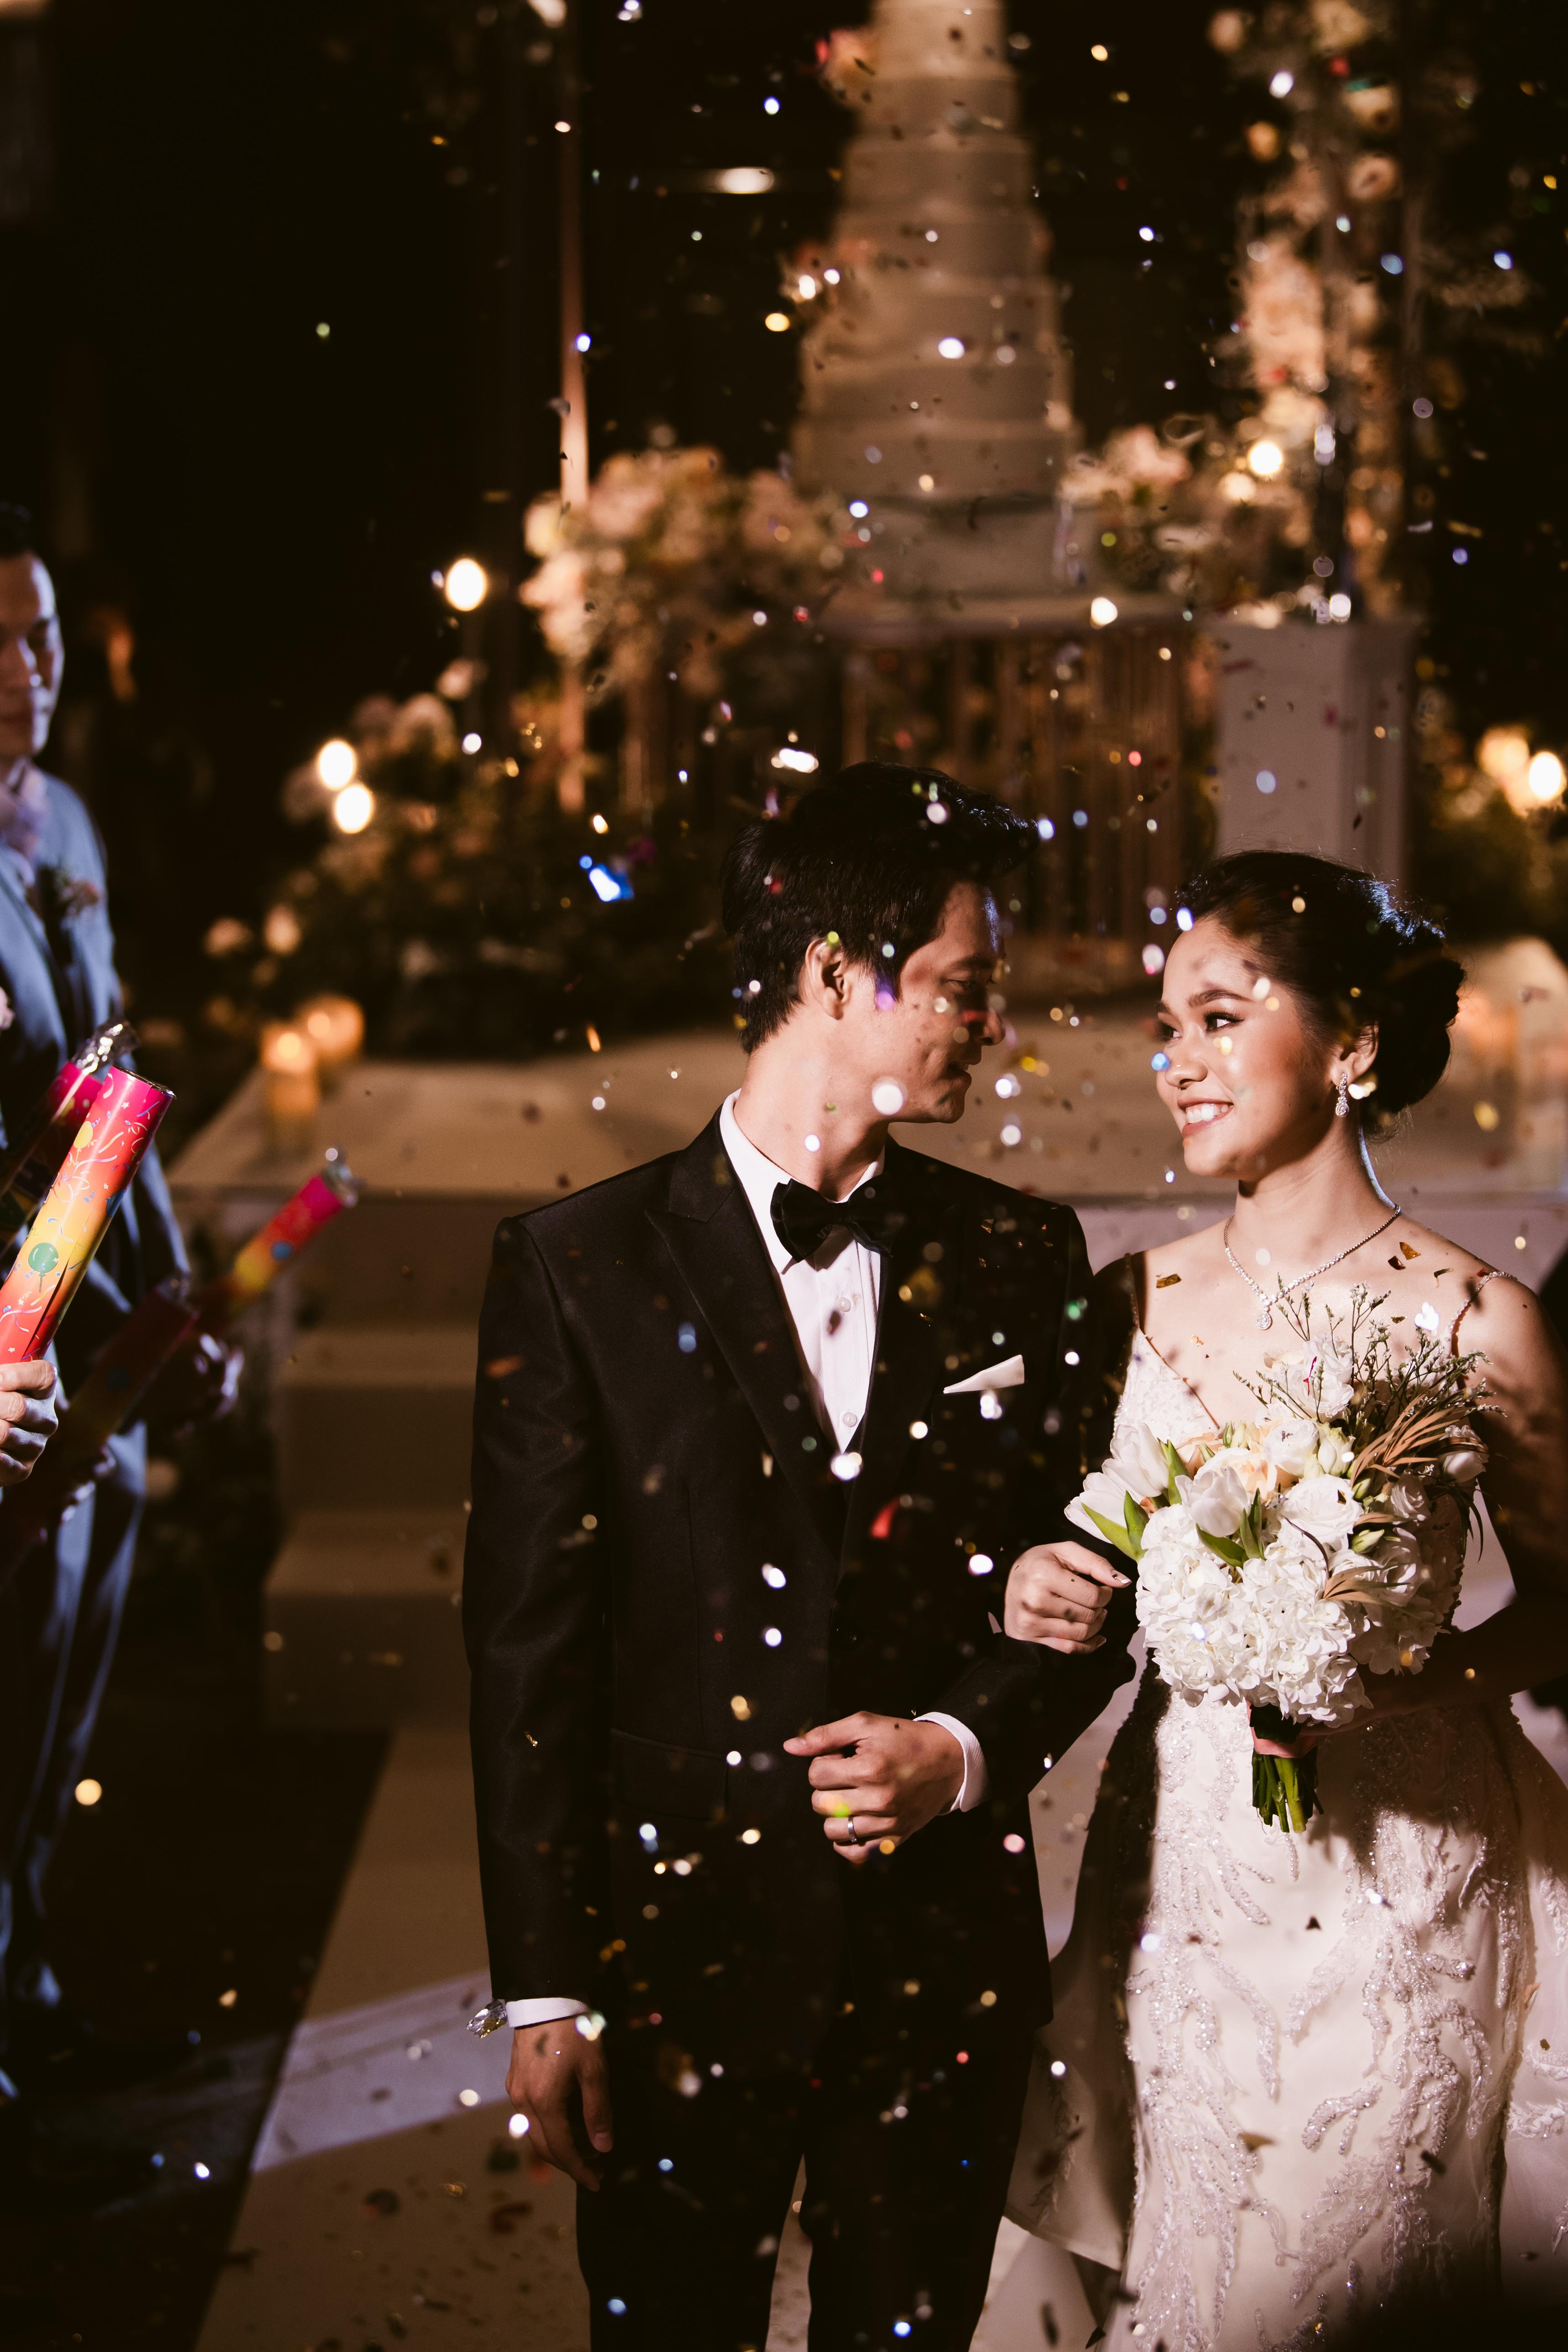 7 จัดงานแต่งแบบ Premium พร้อมข้อเสนอพิเศษกว่า 100,000 บาท! ตลอดปี 2020 ที่ Bangkok Marriott Marquis Queen's Park